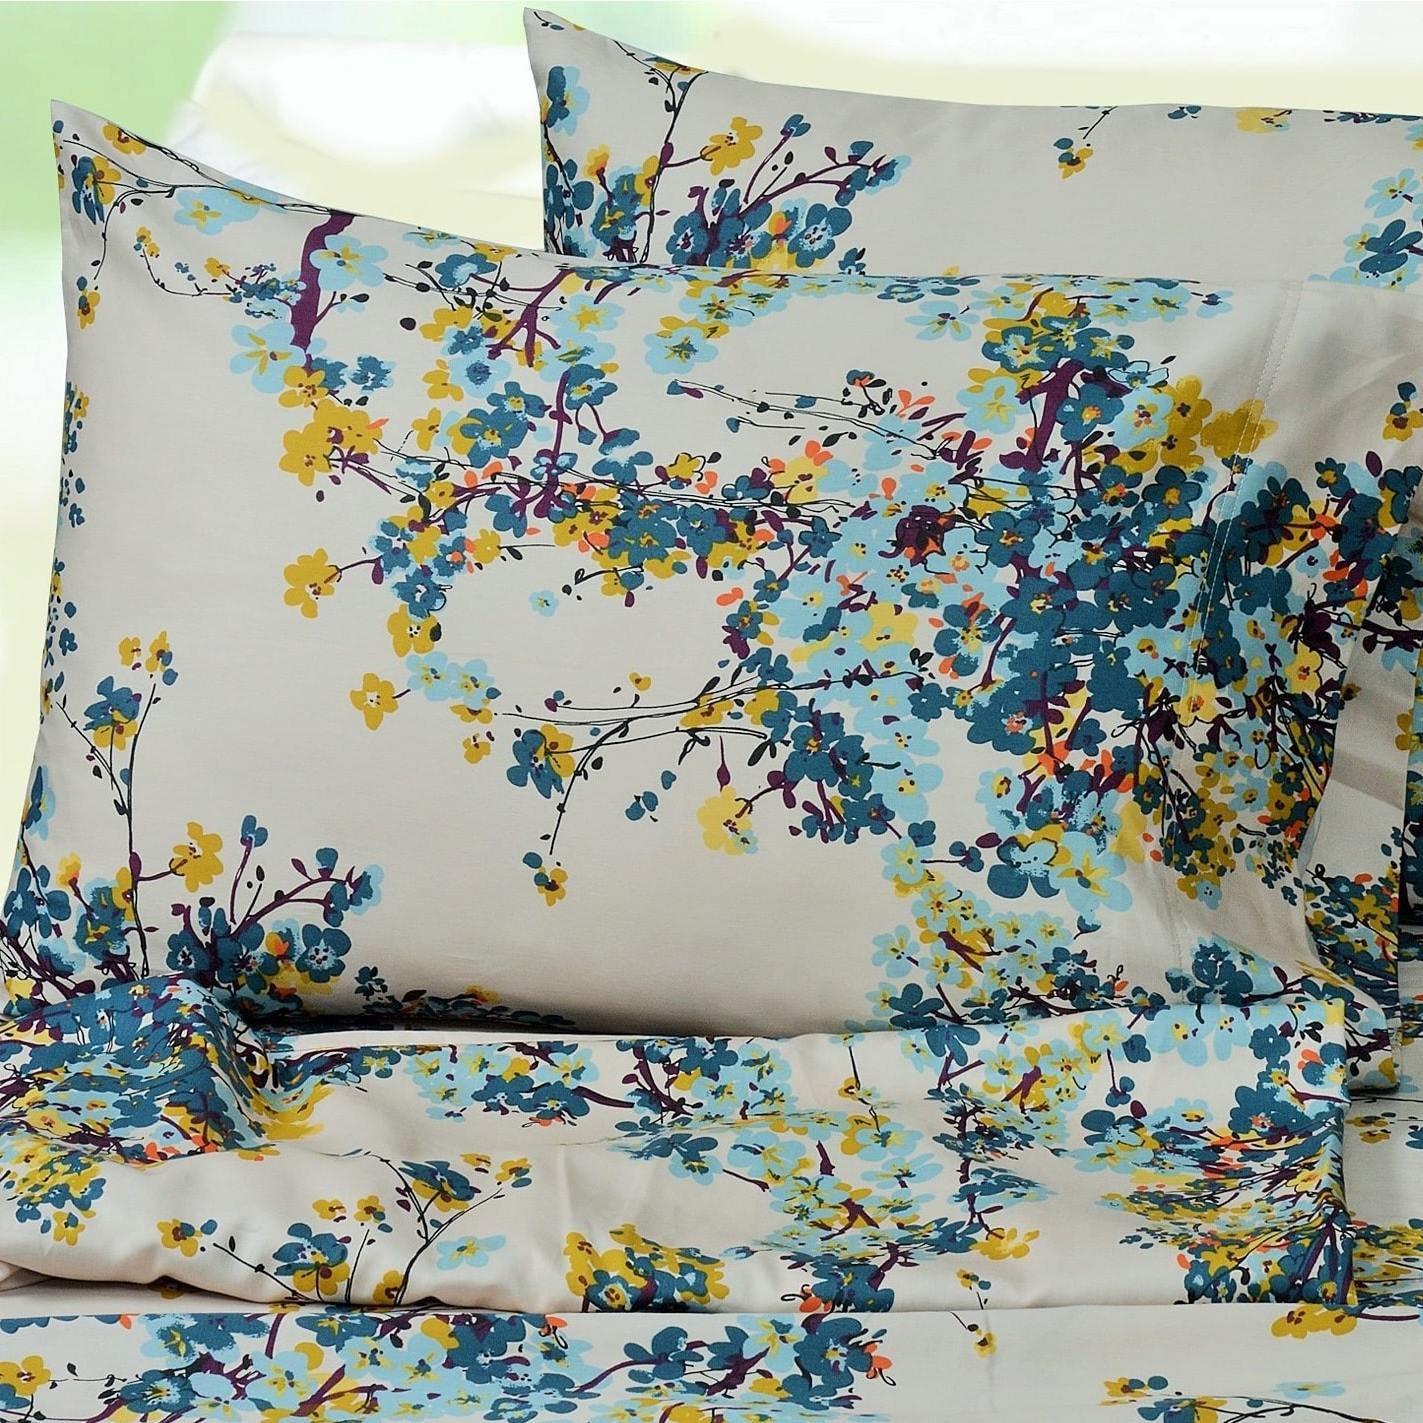 3 Pieceガールズブルーカサブランカ花柄ツインシートセット、マルチカラー花ガーデンテーマヒッピーボヘミアンプリント深いポケットキッズ寝具のベッドルーム、かわいいカラフルなティーンテーマ、コットン B07412KWNL